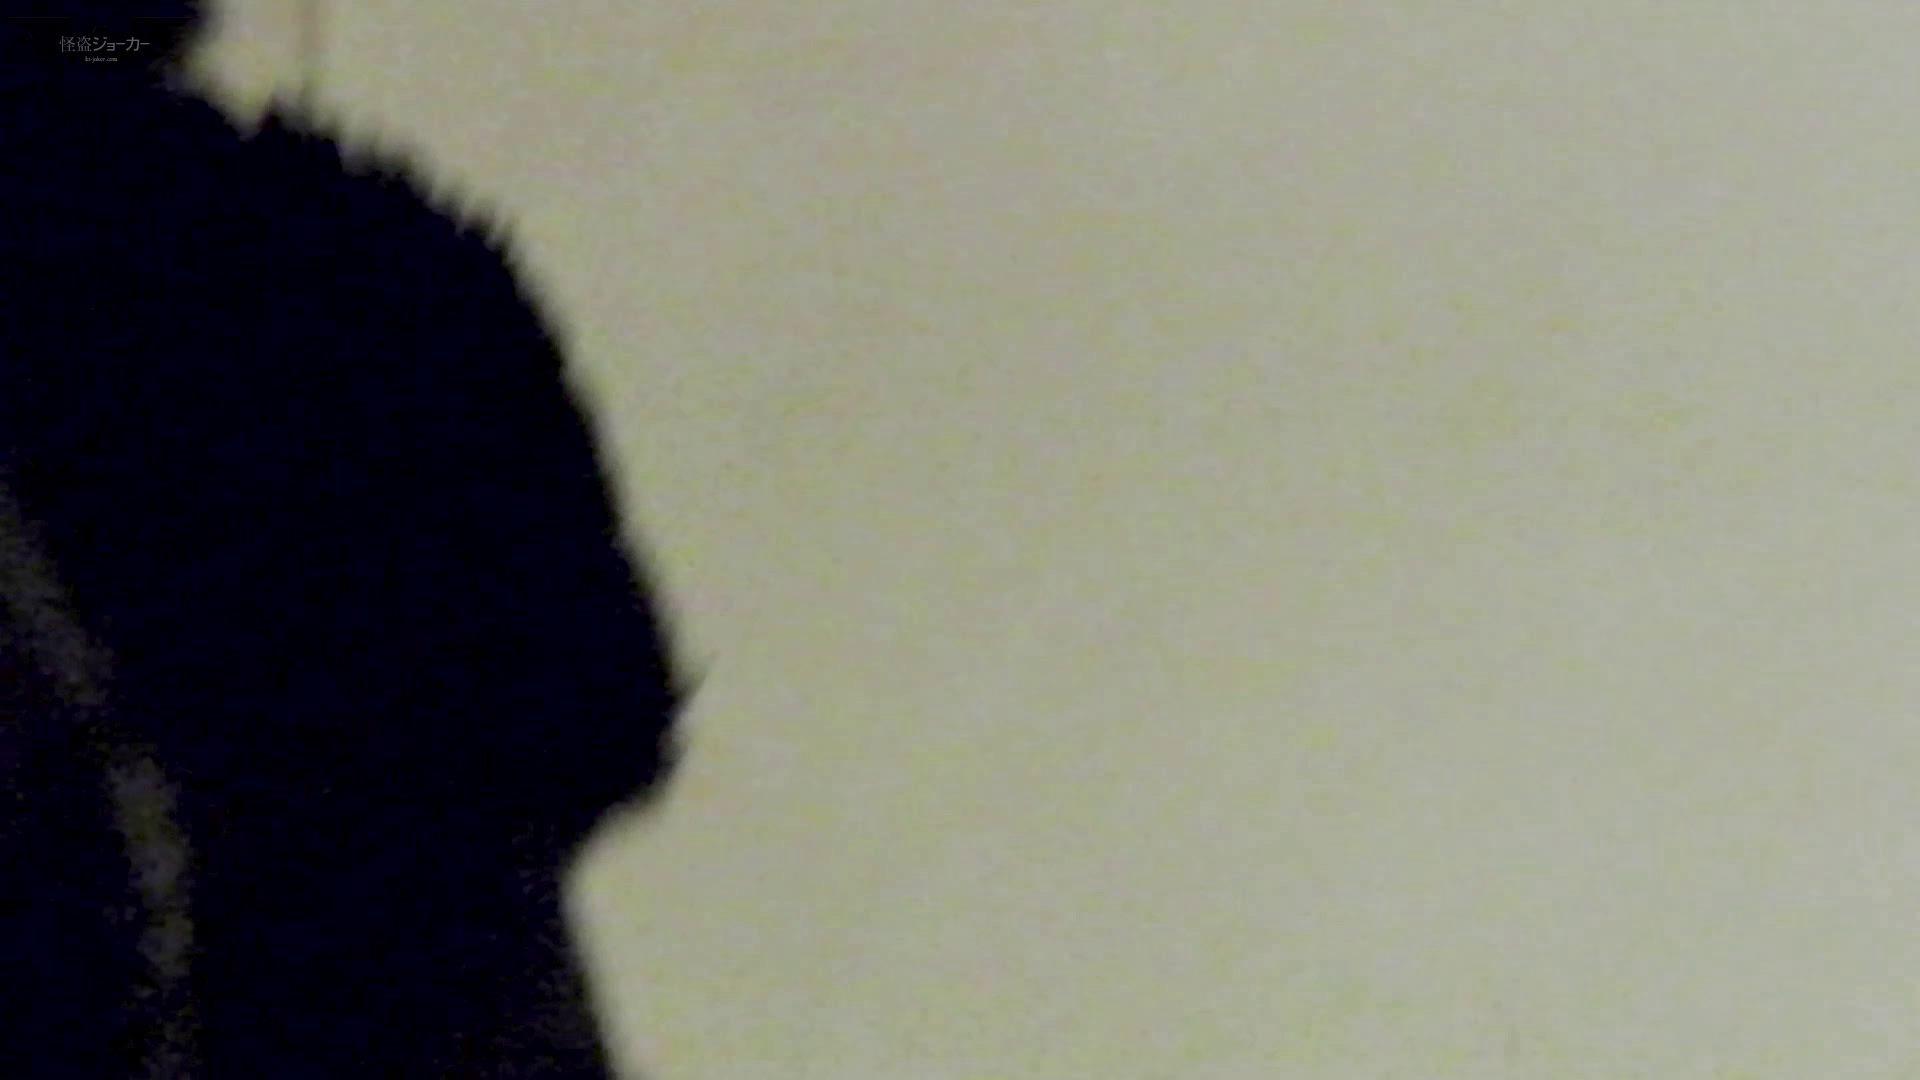 新世界の射窓 No64日本ギャル登場か?ハイヒール大特集! ギャル盗撮映像  84PIX 78